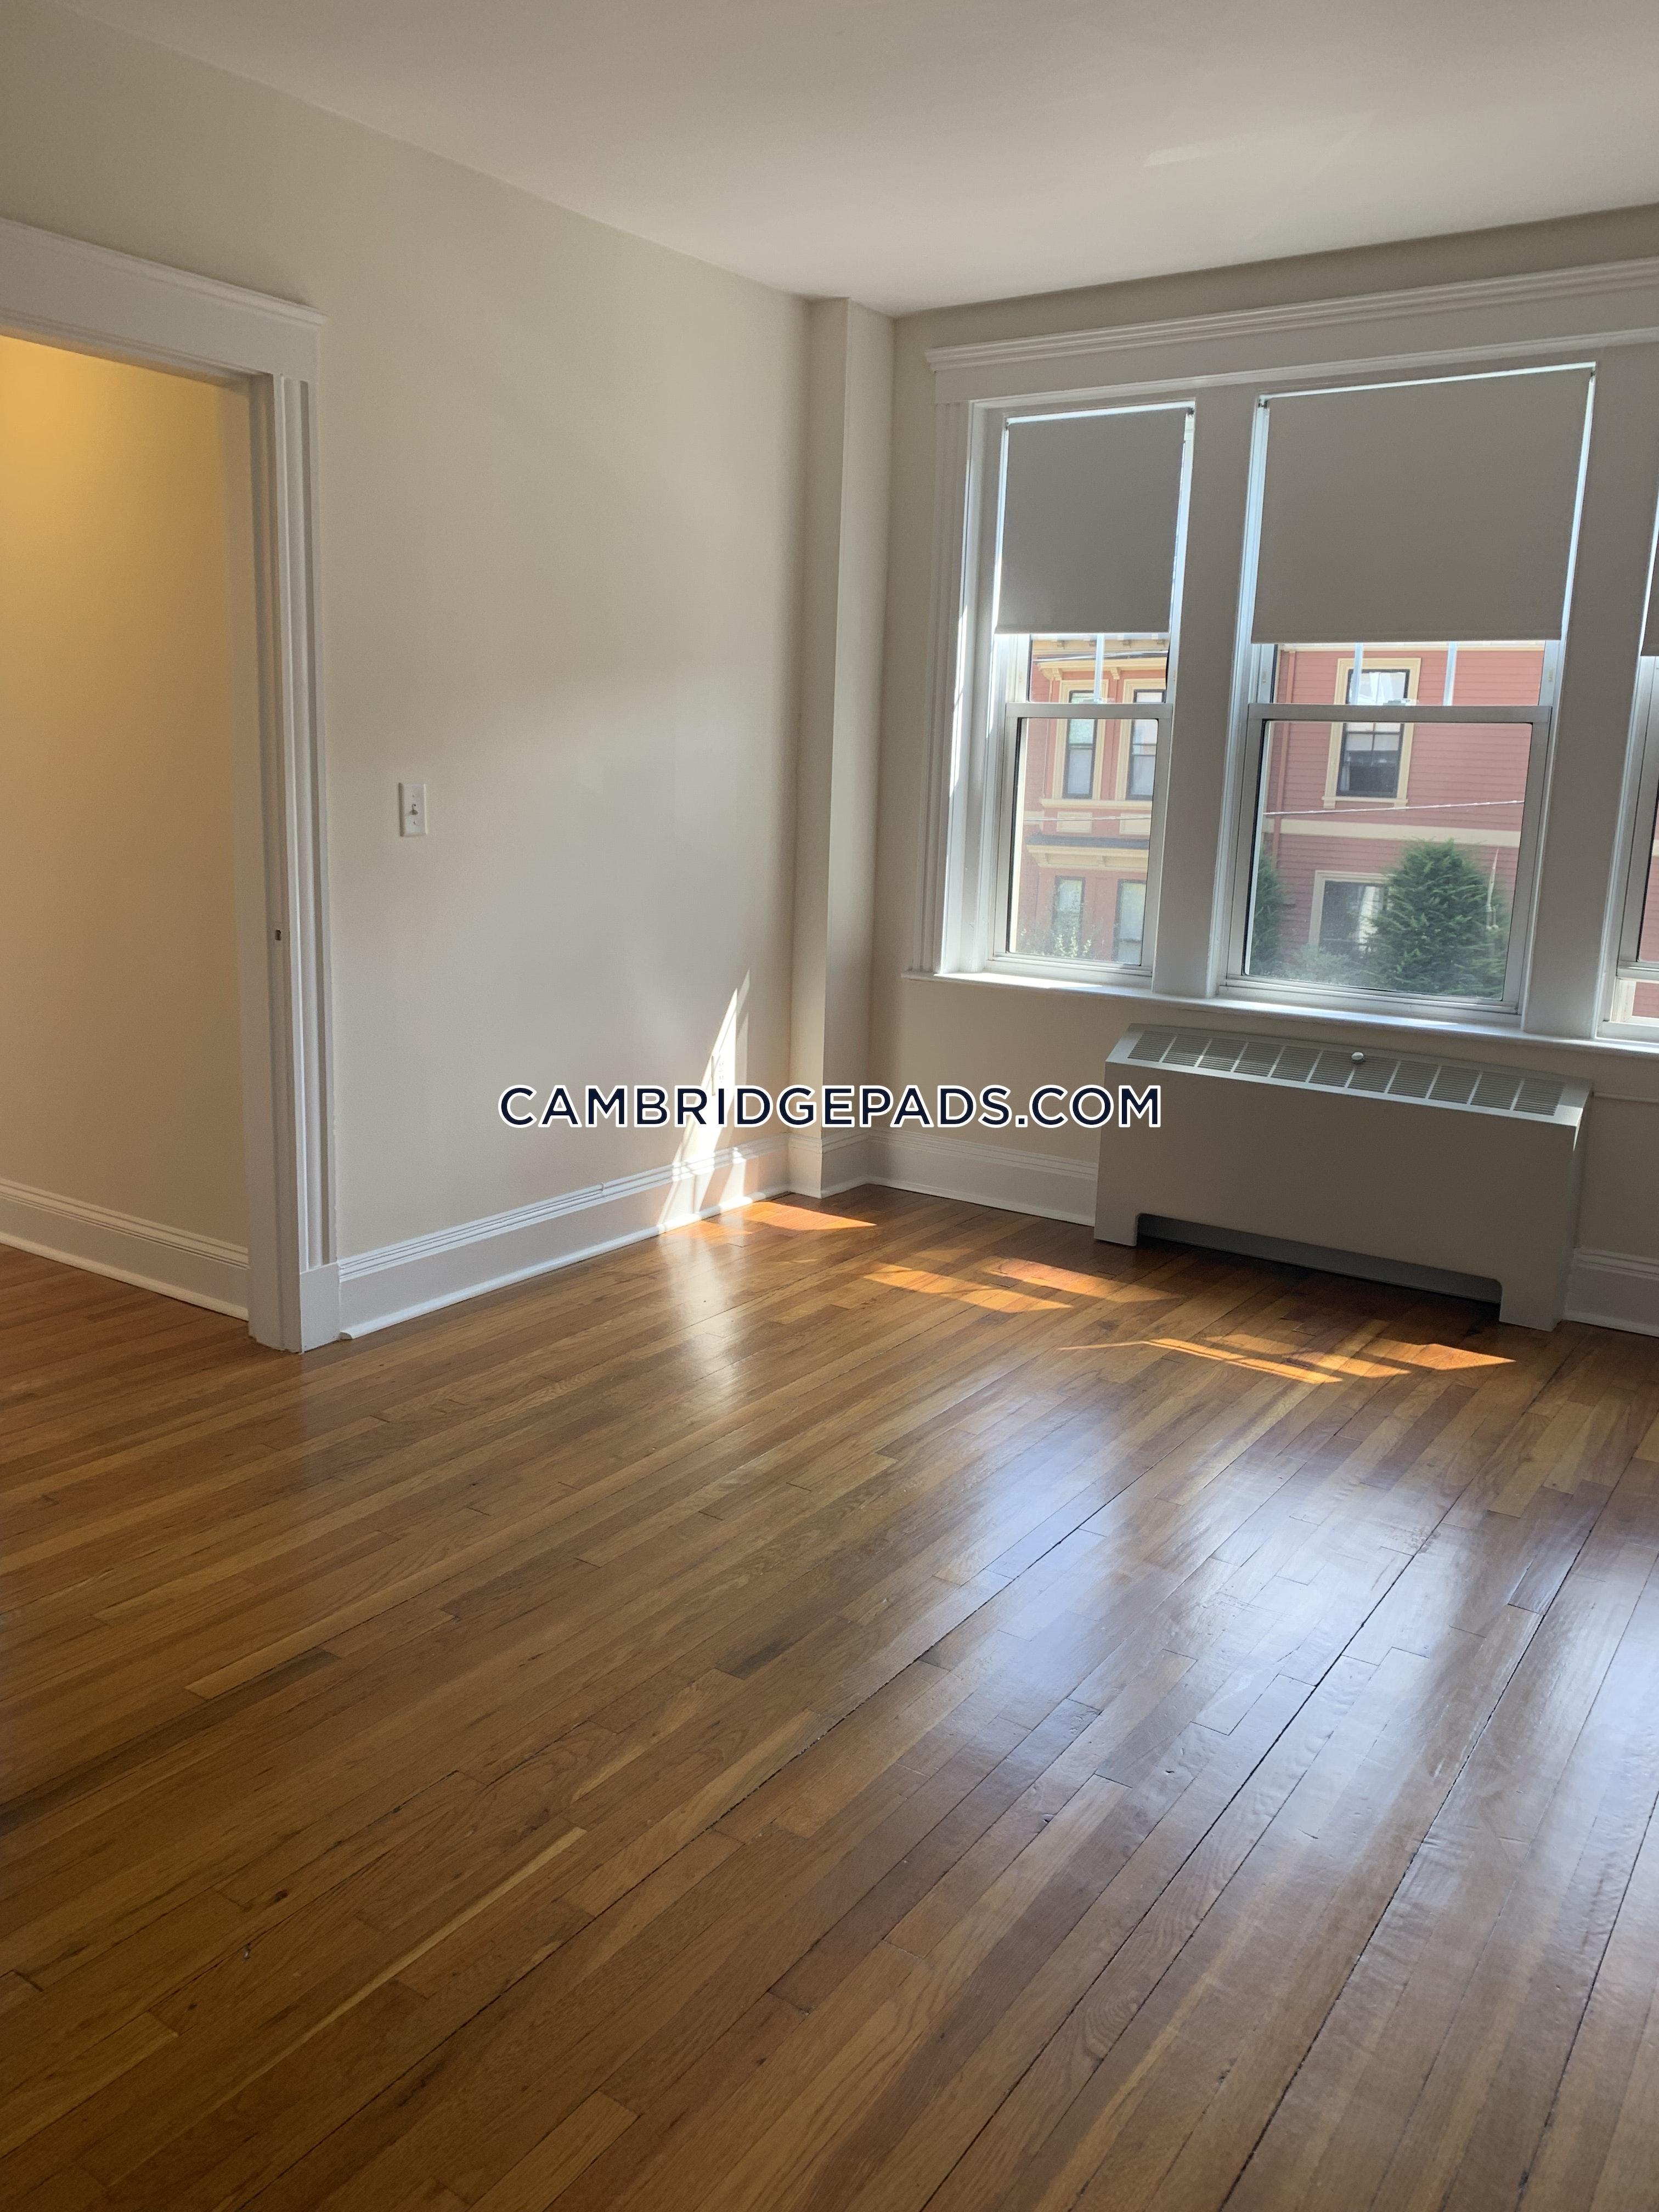 CAMBRIDGE - HARVARD SQUARE - $2,775